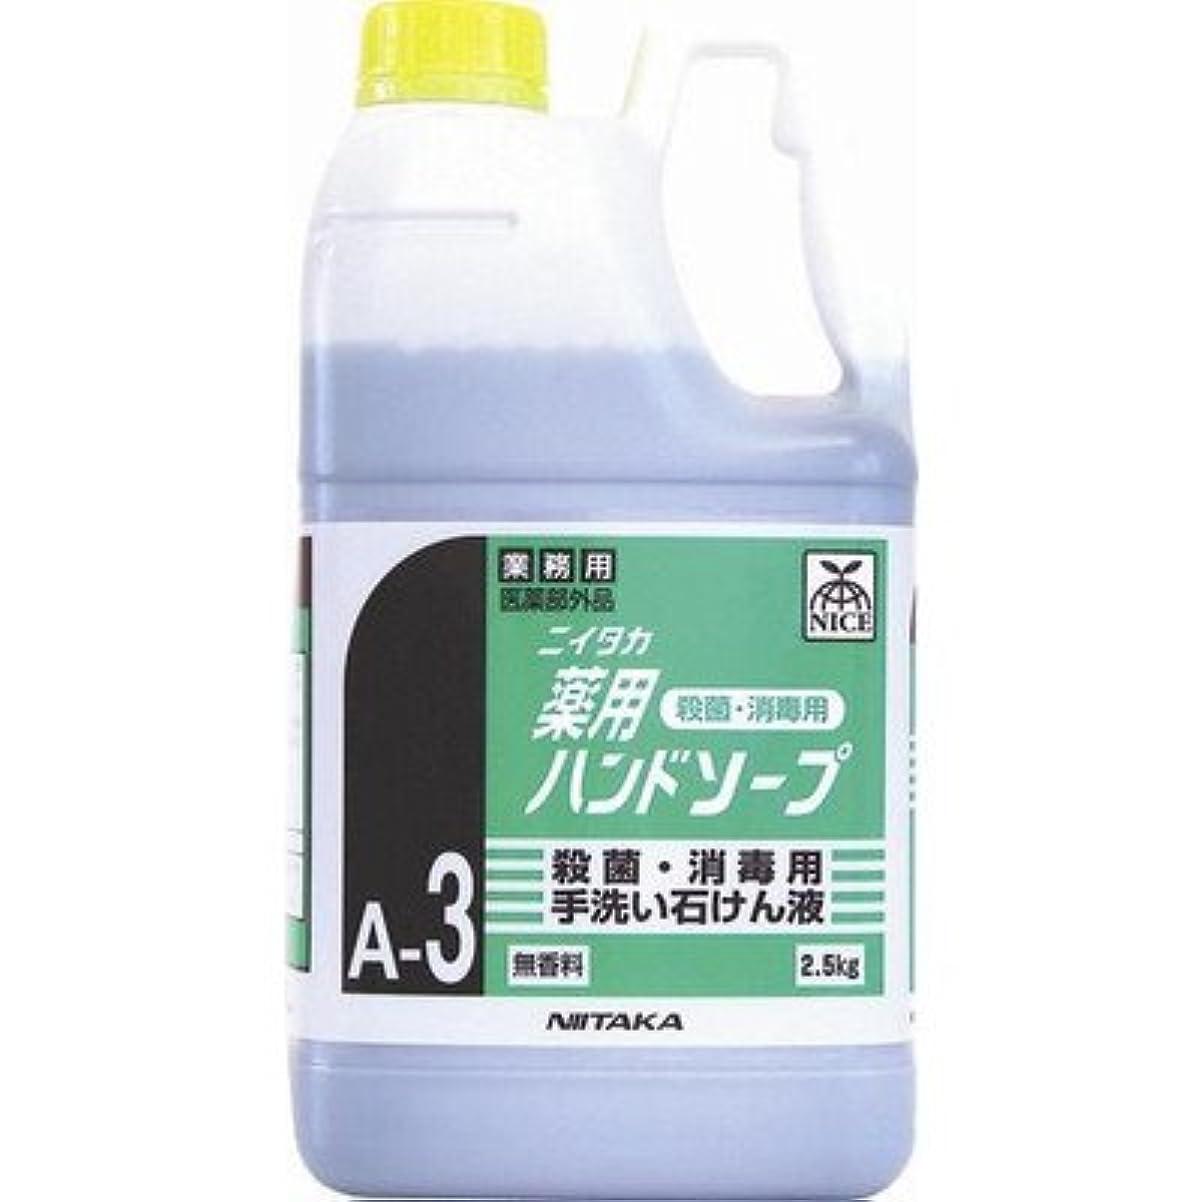 無意識レンジ興奮するニイタカ 業務用手洗い石けん液 薬用ハンドソープ(A-3) 2.5kg×6本